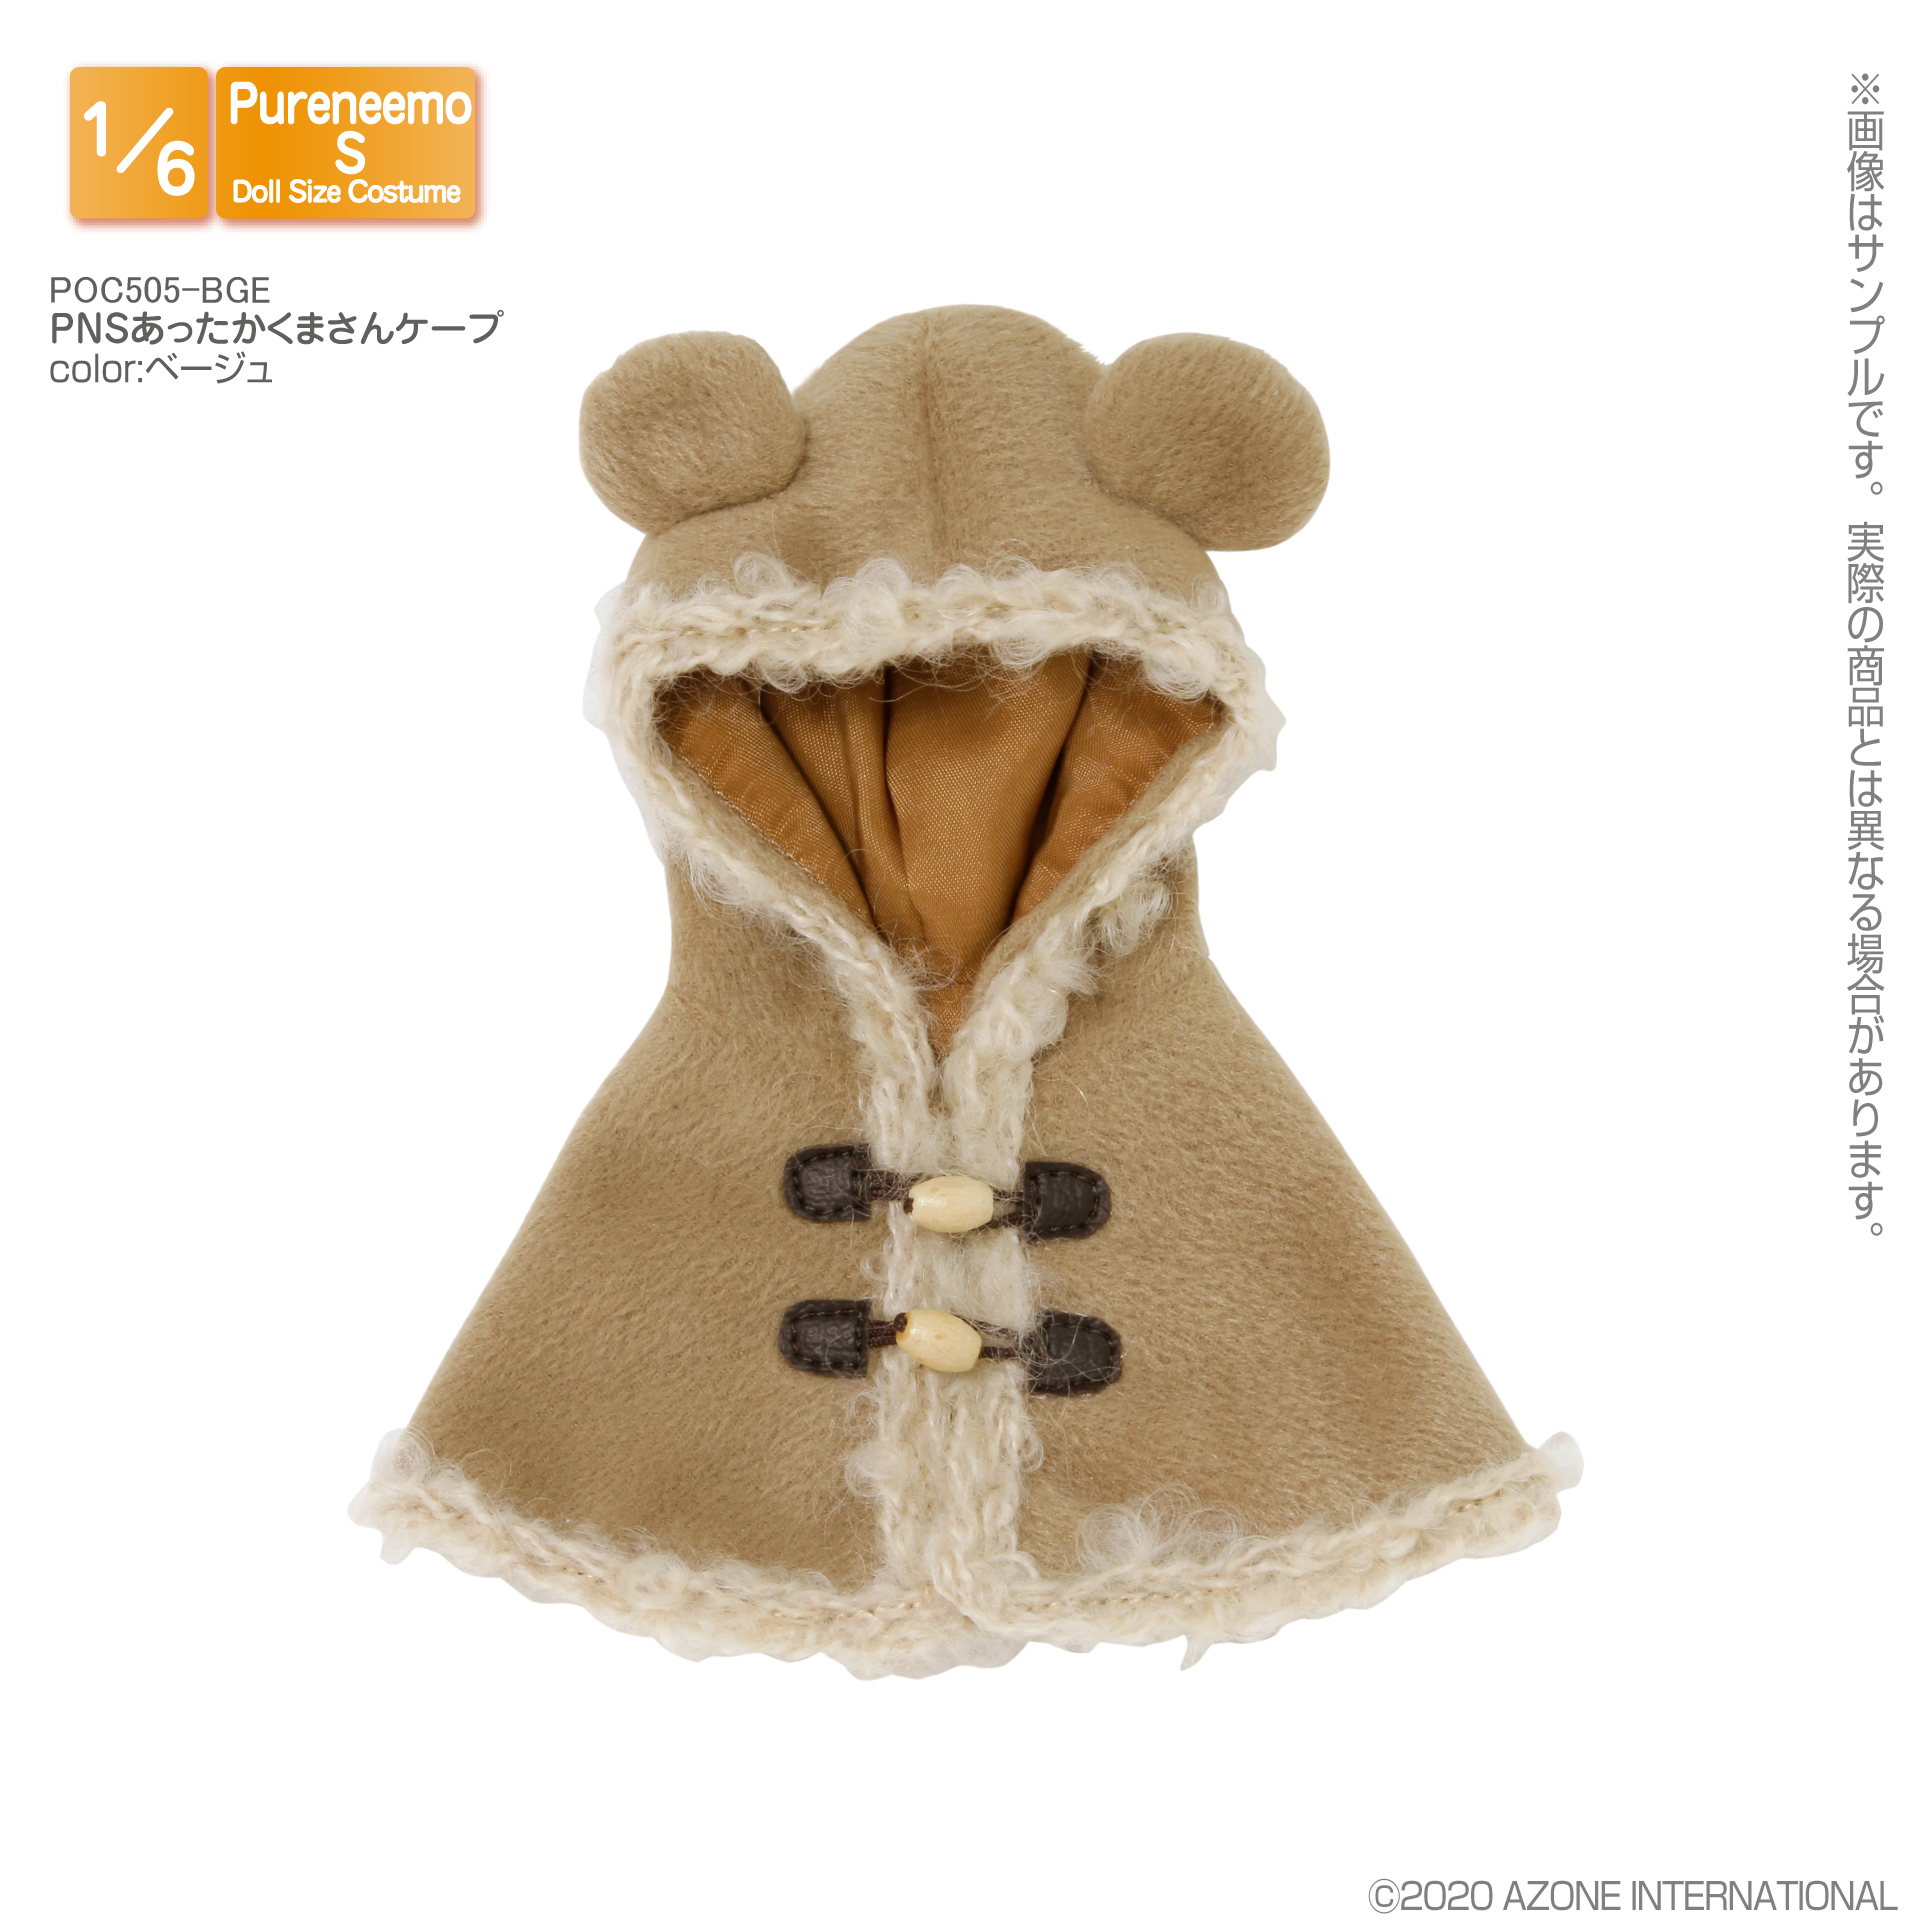 ピュアニーモ用 PNS『あったかくまさんケープ[ベージュ]』1/6 ドール服-001